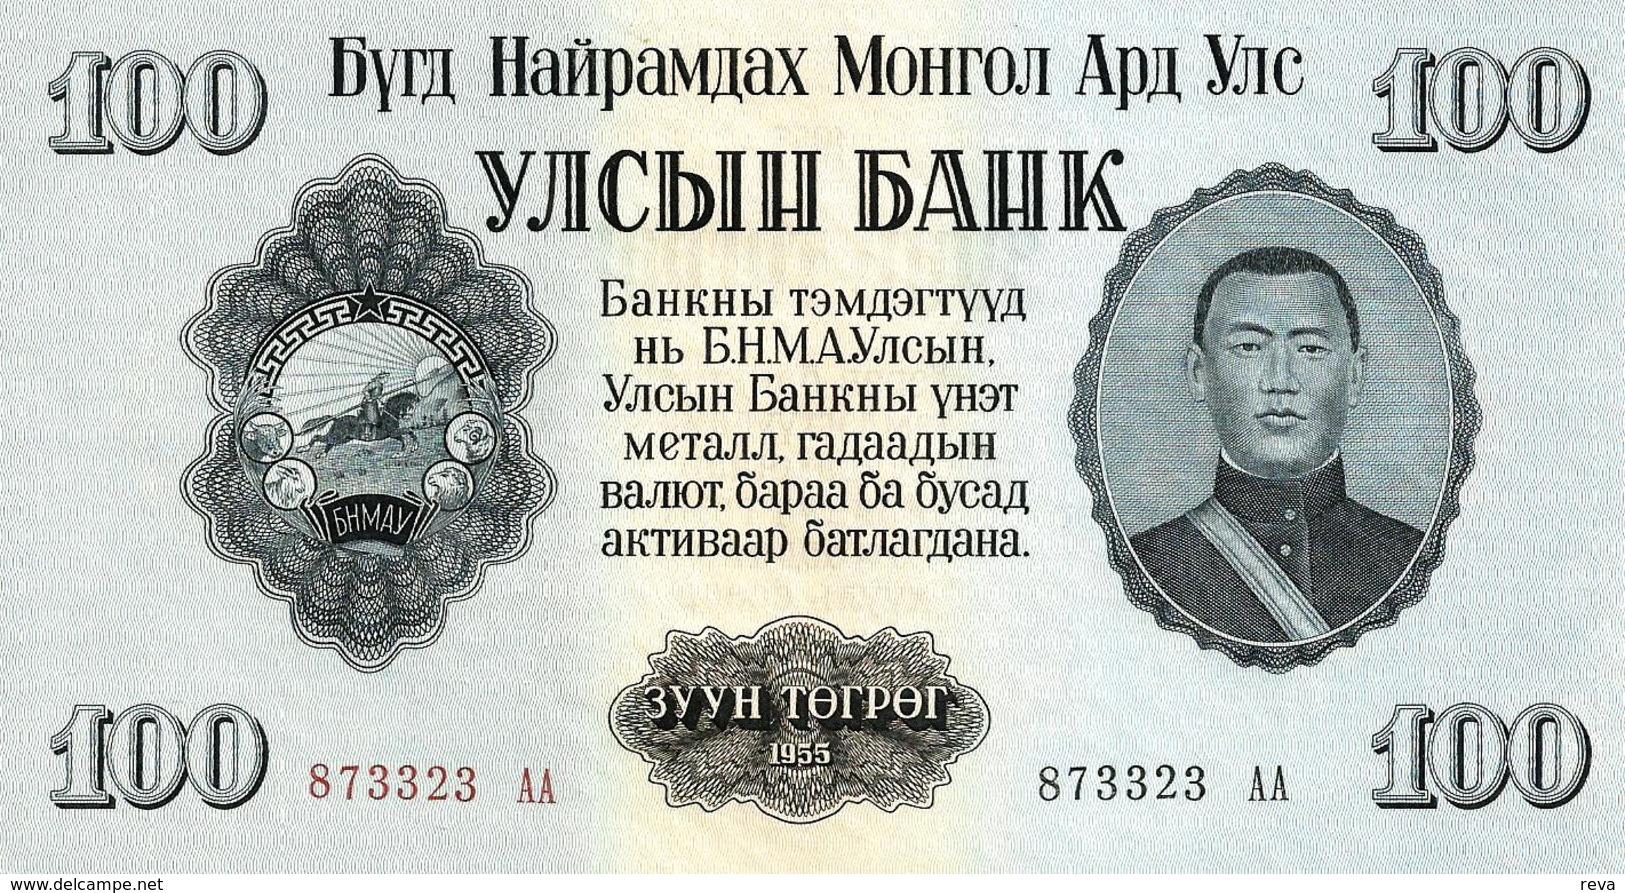 MONGOLIA 100 TUGRIK BLUE MAN FRONT MOTIF BACK  DATED 1955 UNC P34 READ DESCRIPTION!! - Mongolia